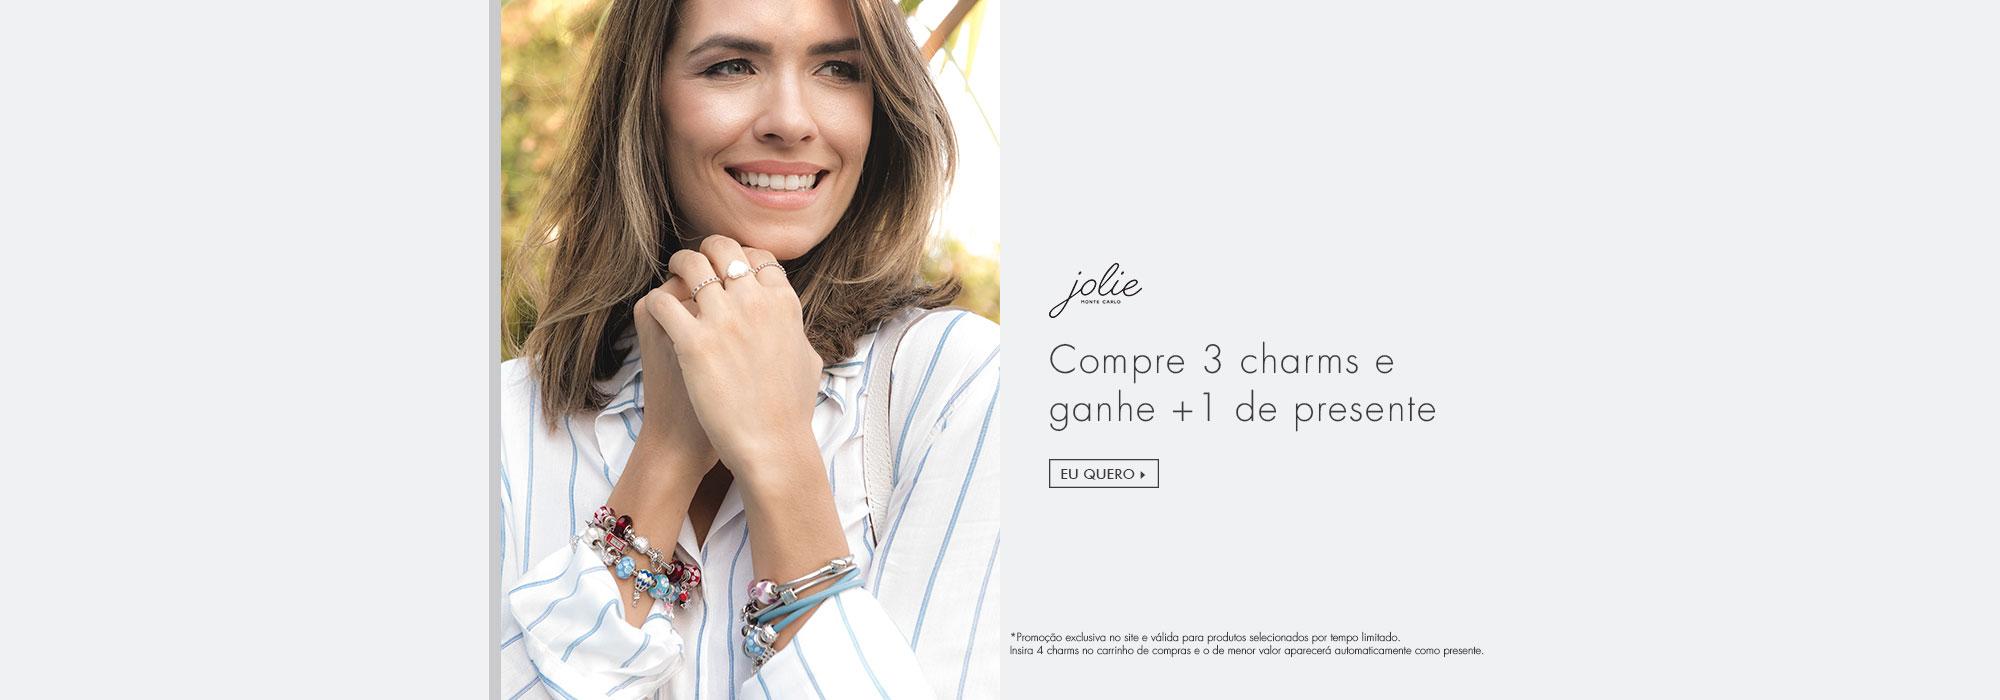 Loucas por Jolie